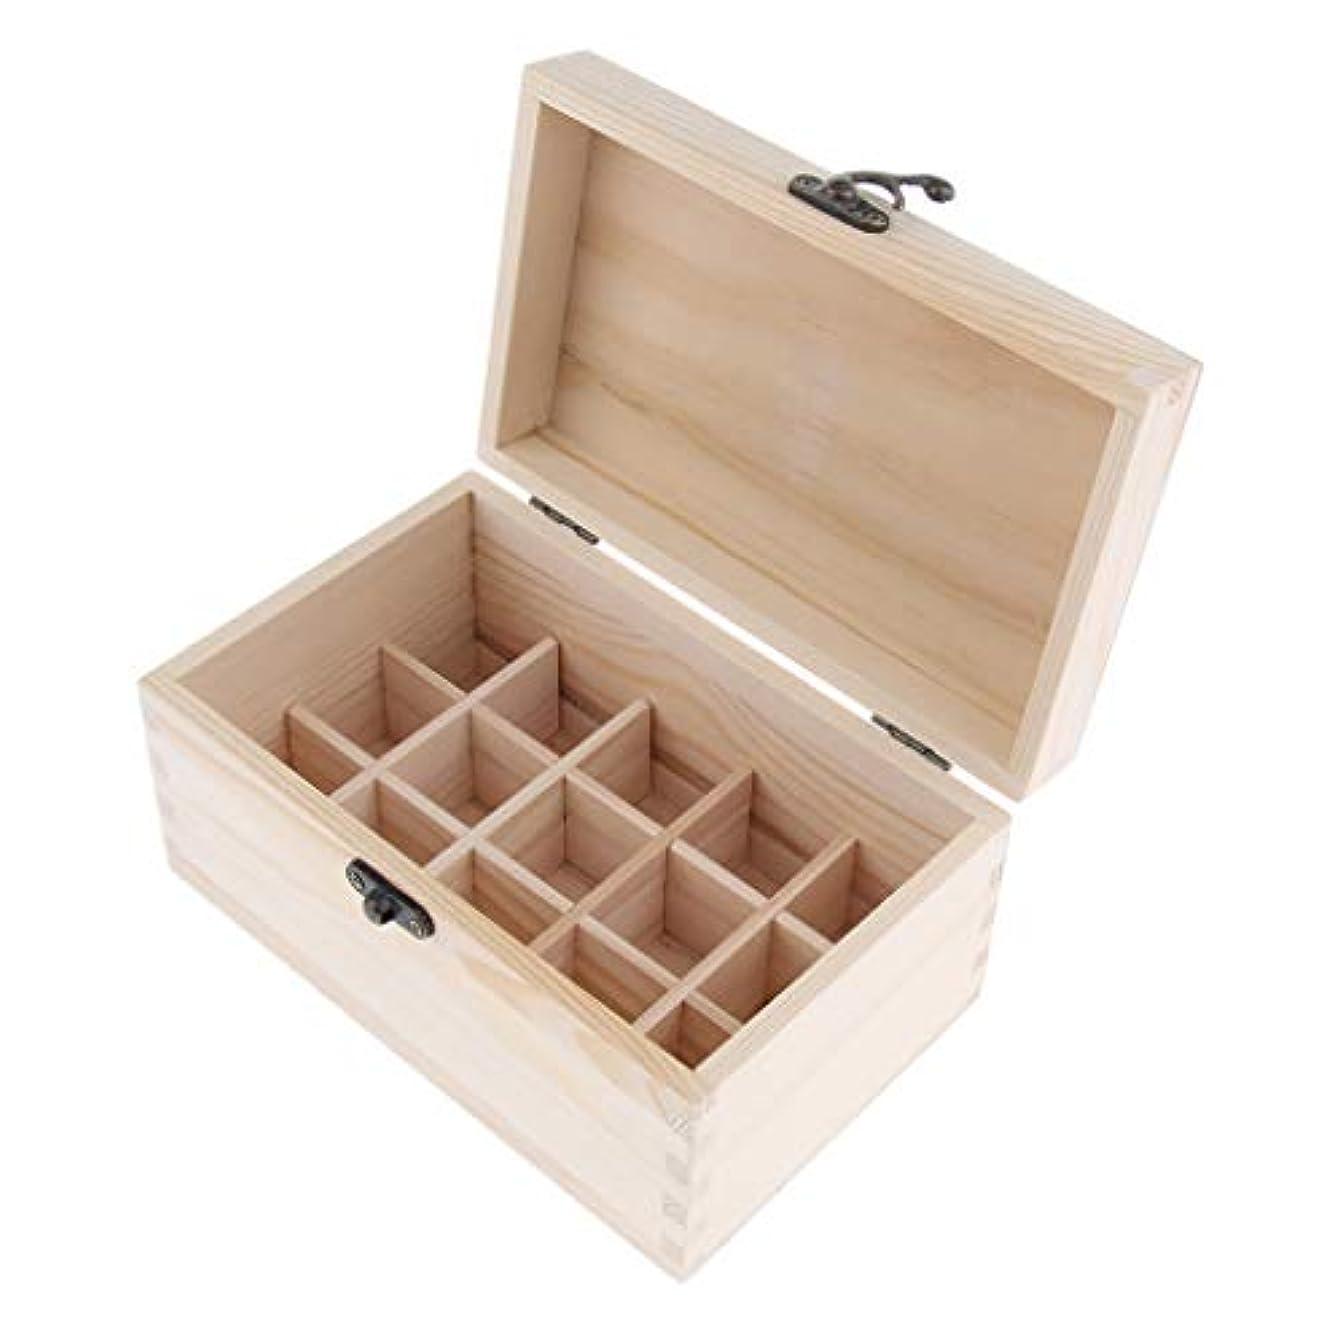 旅行者トラフ抽象chiwanji 精油ケース 化粧品収納ボックス 15仕切り 木製 エッセンシャルオイル コンパクト 携帯便利 実用性